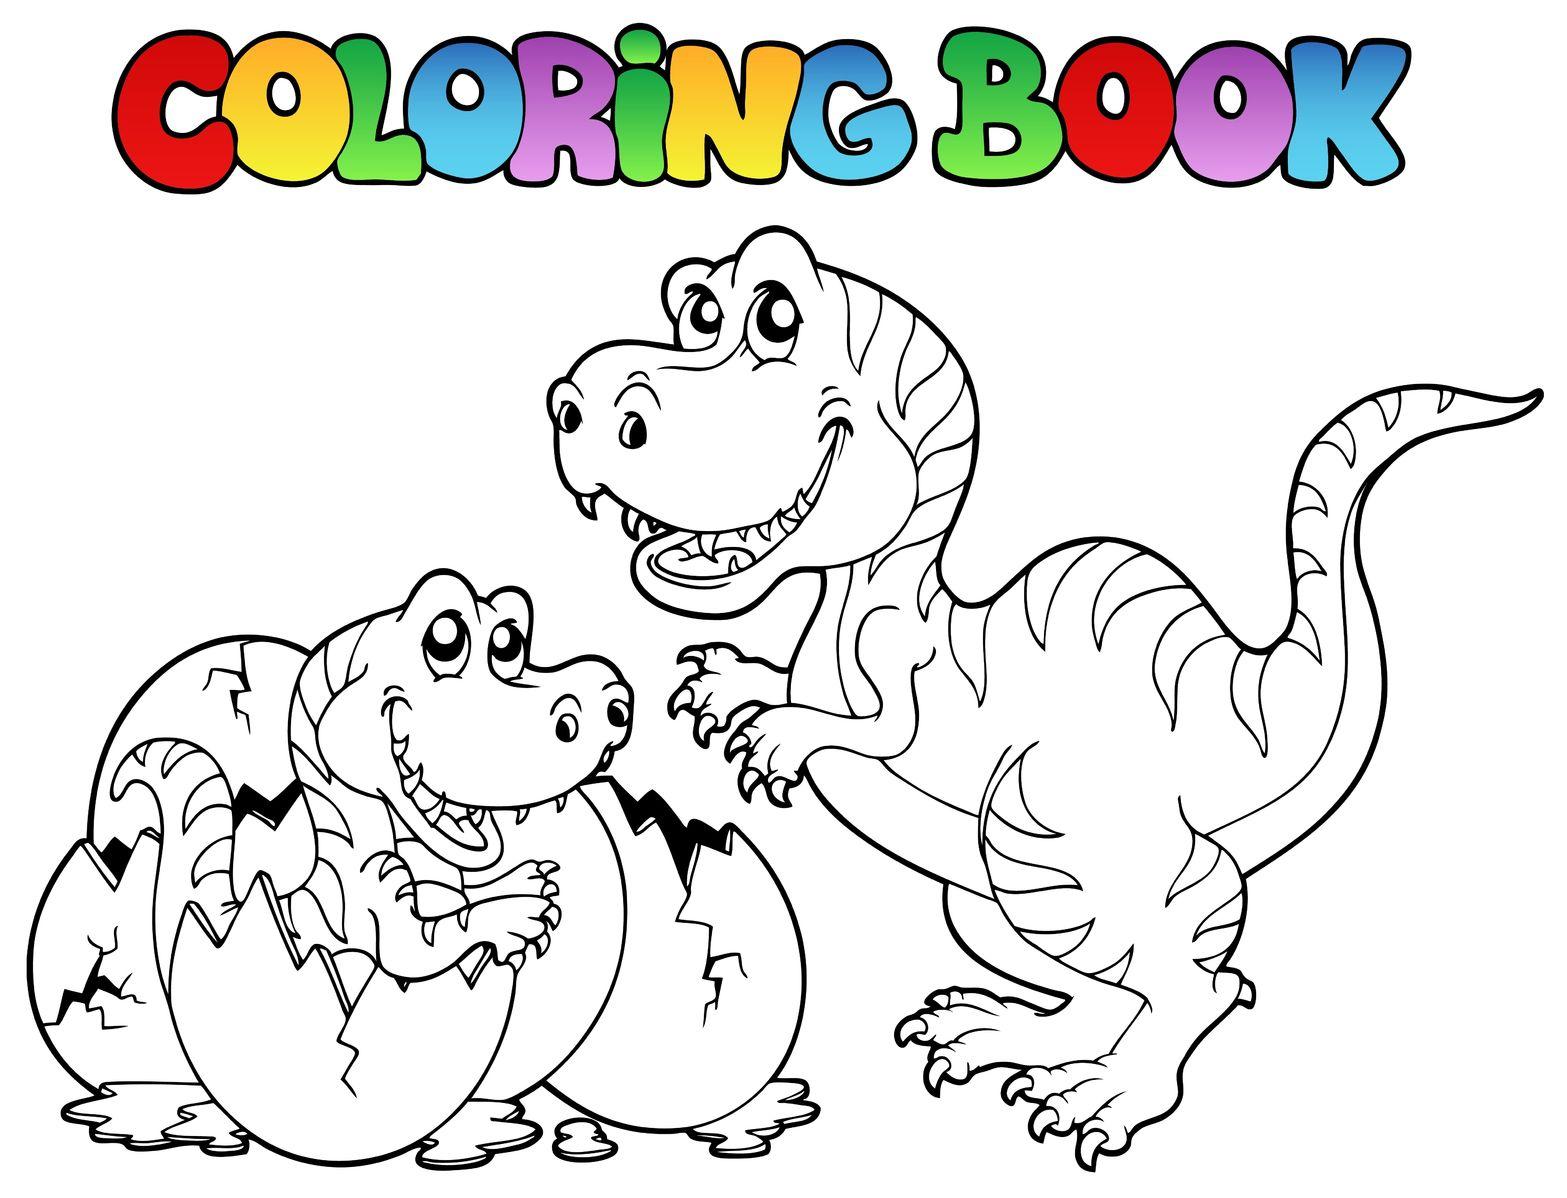 Souvent coloriage gratuit - dino-shop DZ27